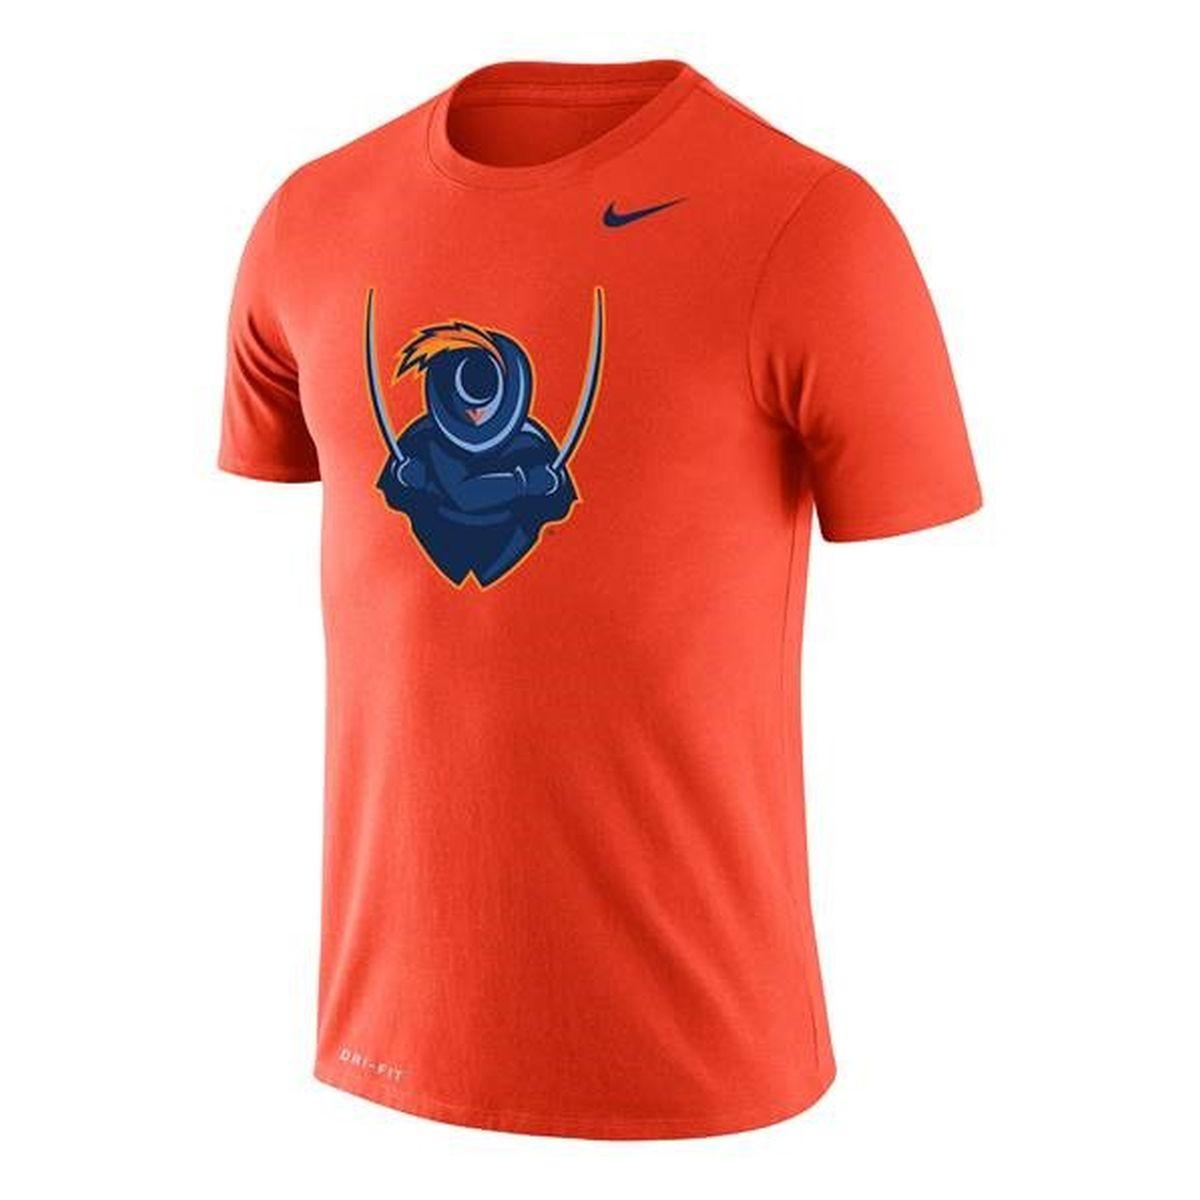 University of Virginia 2020 Cavalier Dri-FIT Legend Orange T-shirt